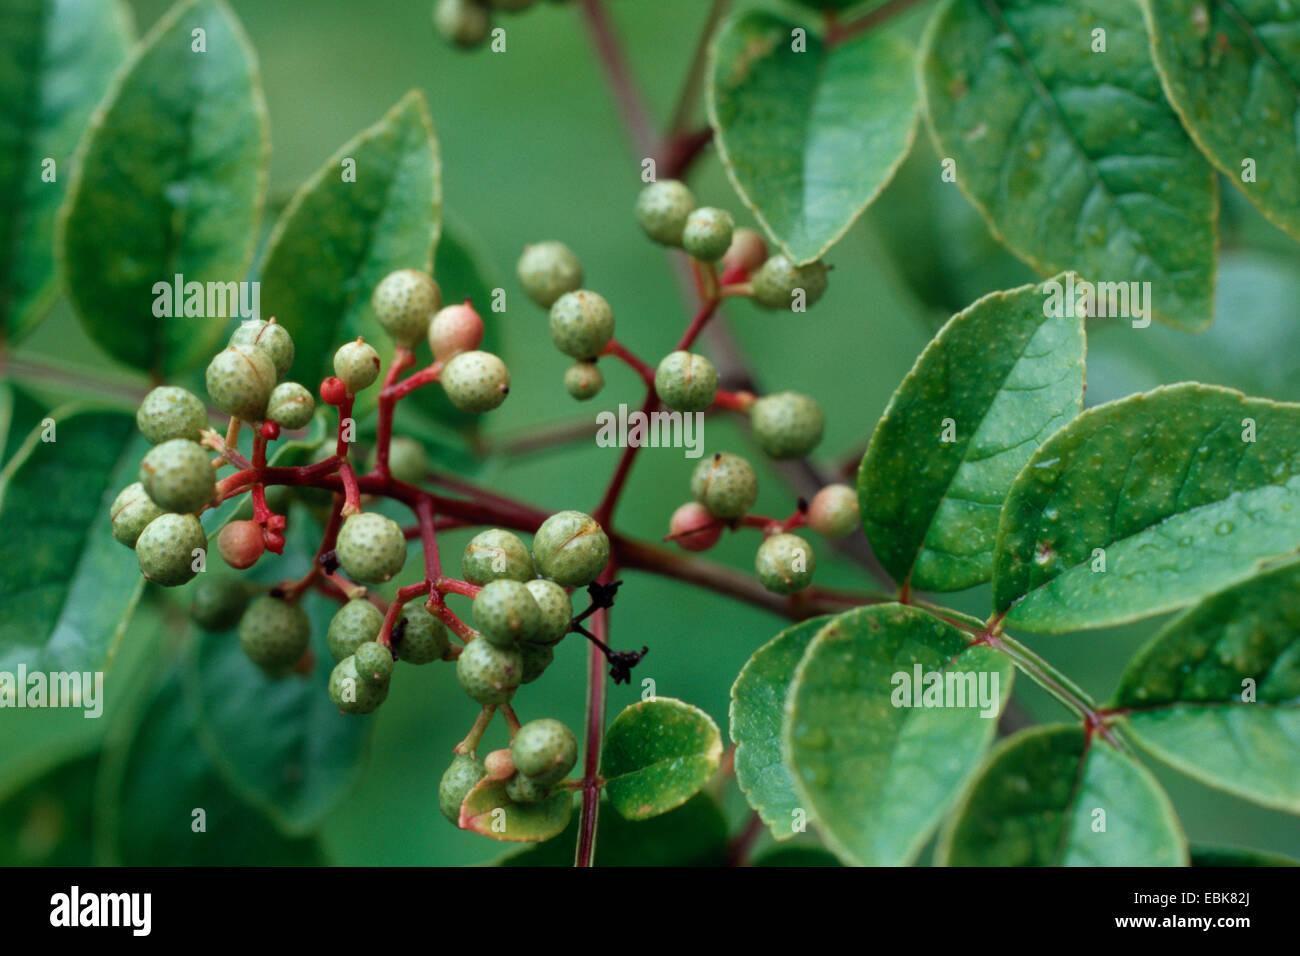 zanthoxylum fraxineum, medical plant, medical plants, medicinal plant, medicinal plants, herbalism, useful plant, - Stock Image